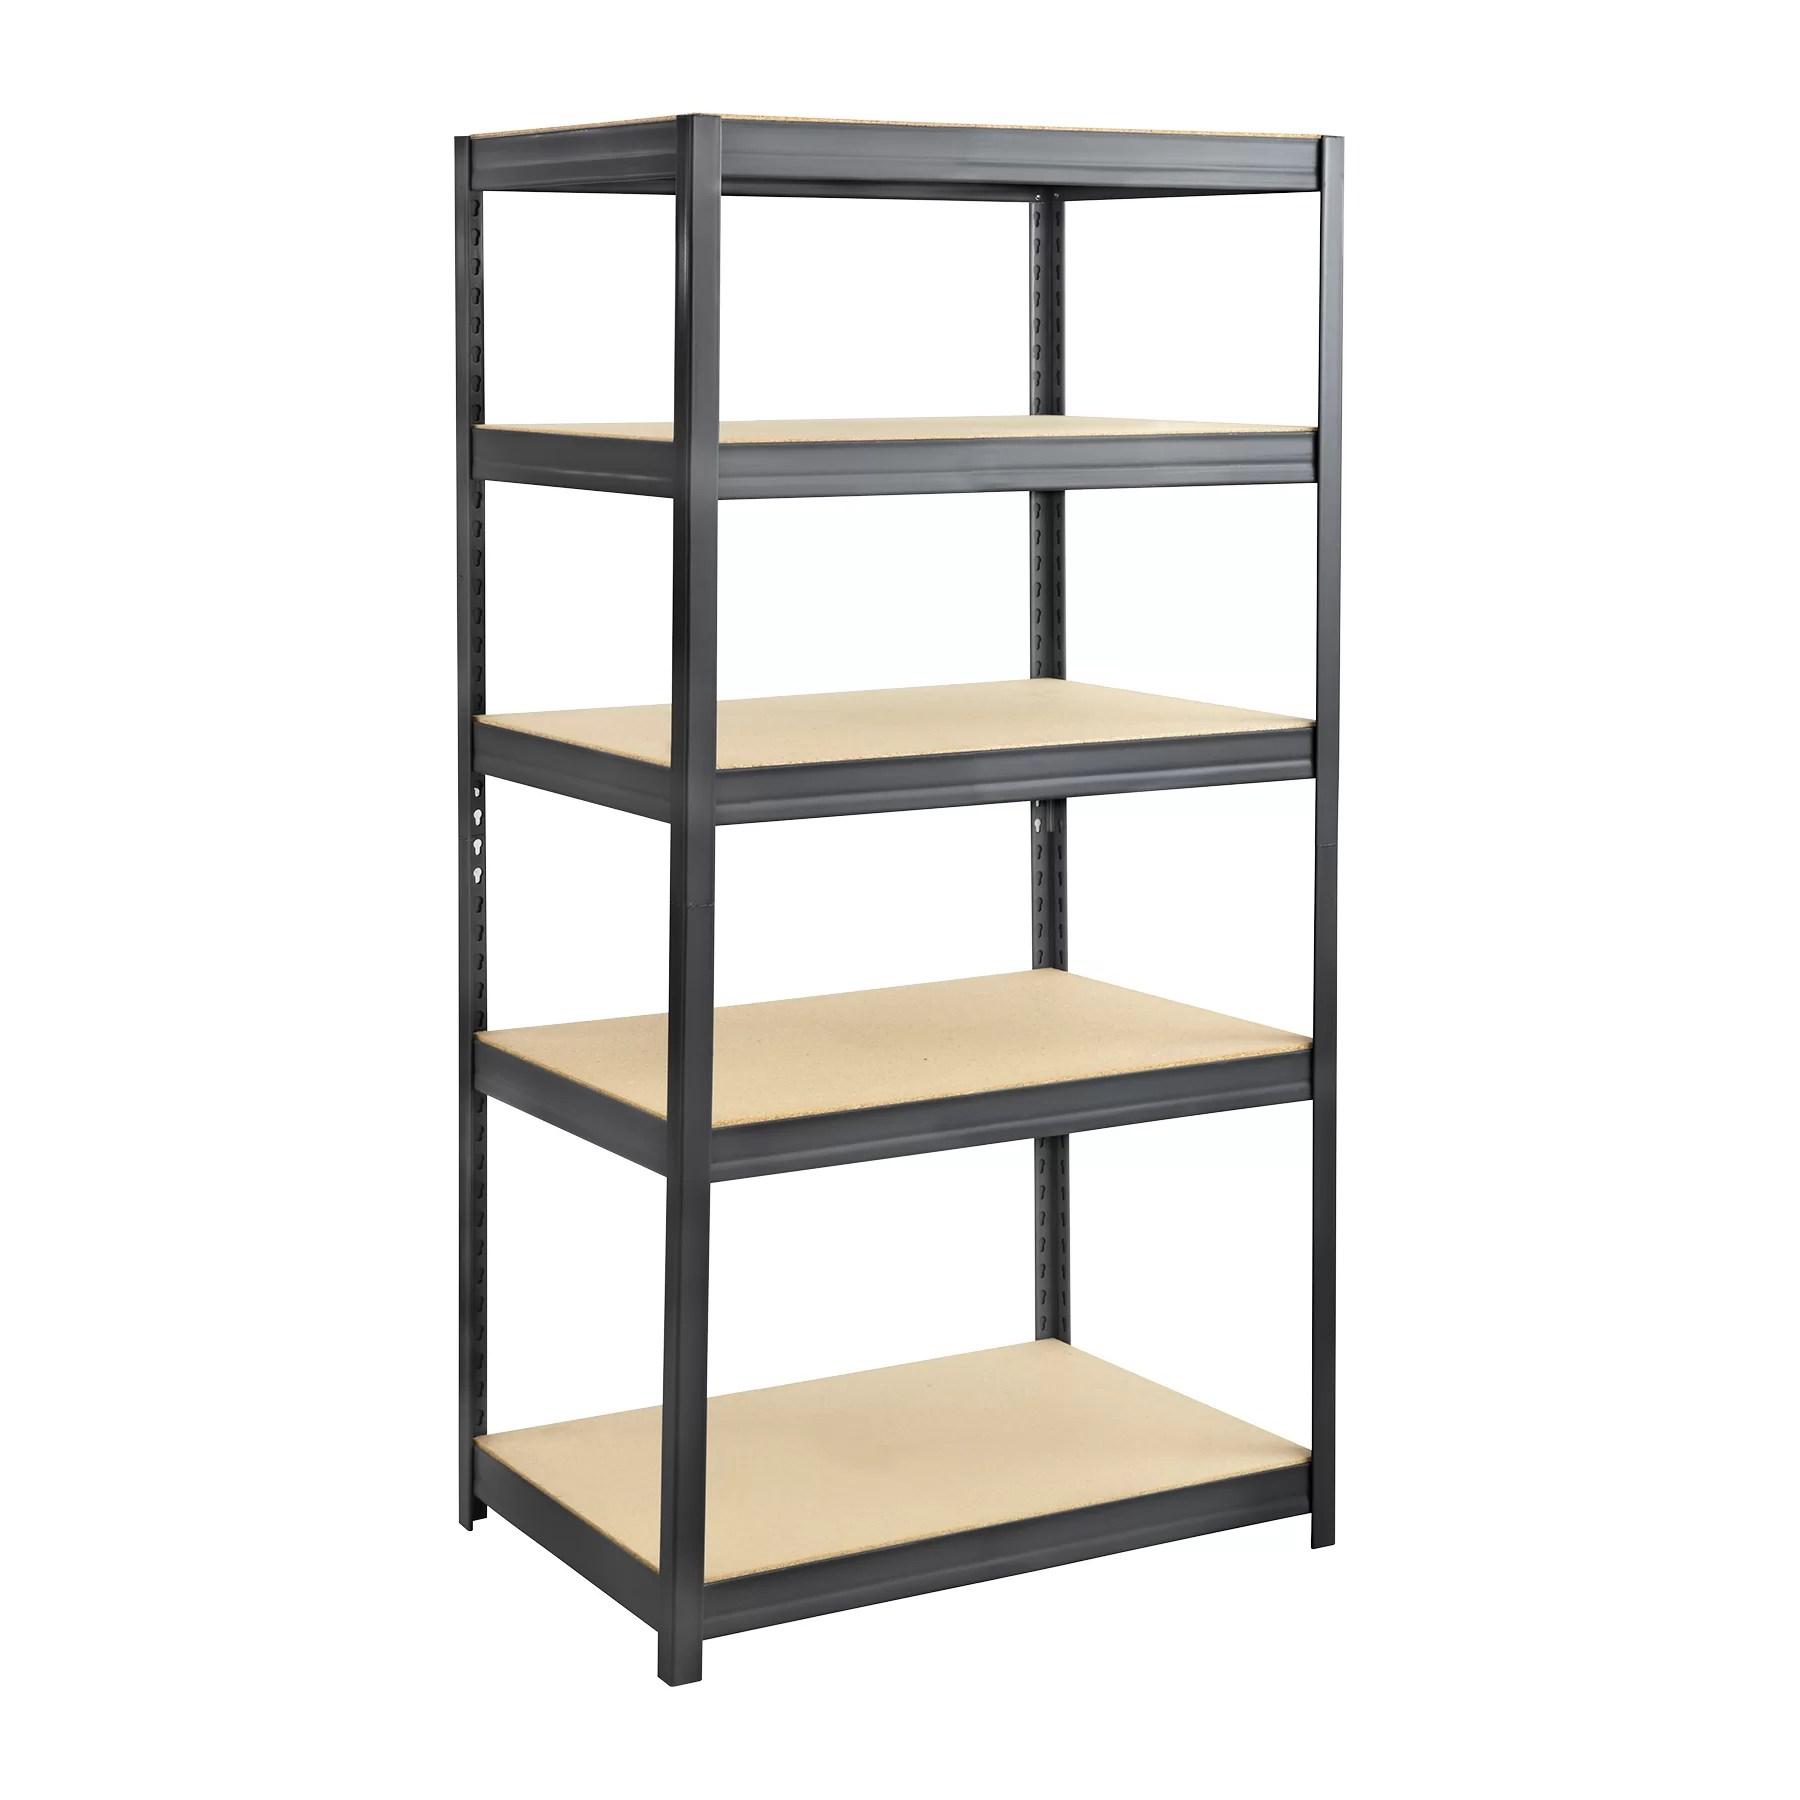 Boltless 4 Shelf Shelving Unit